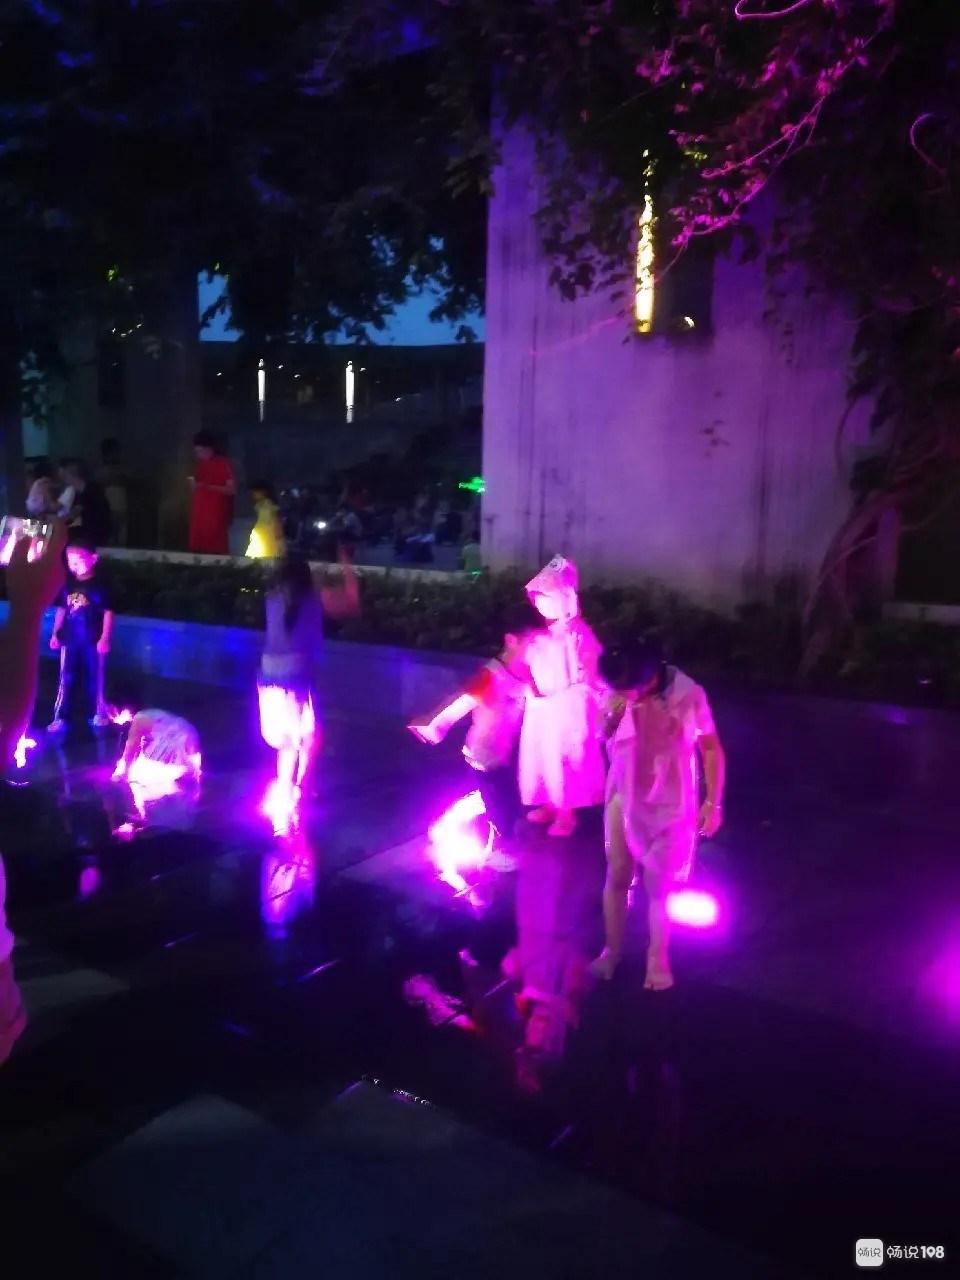 鼓山音乐喷泉好多小孩在玩耍,这件事家长一定要重视!